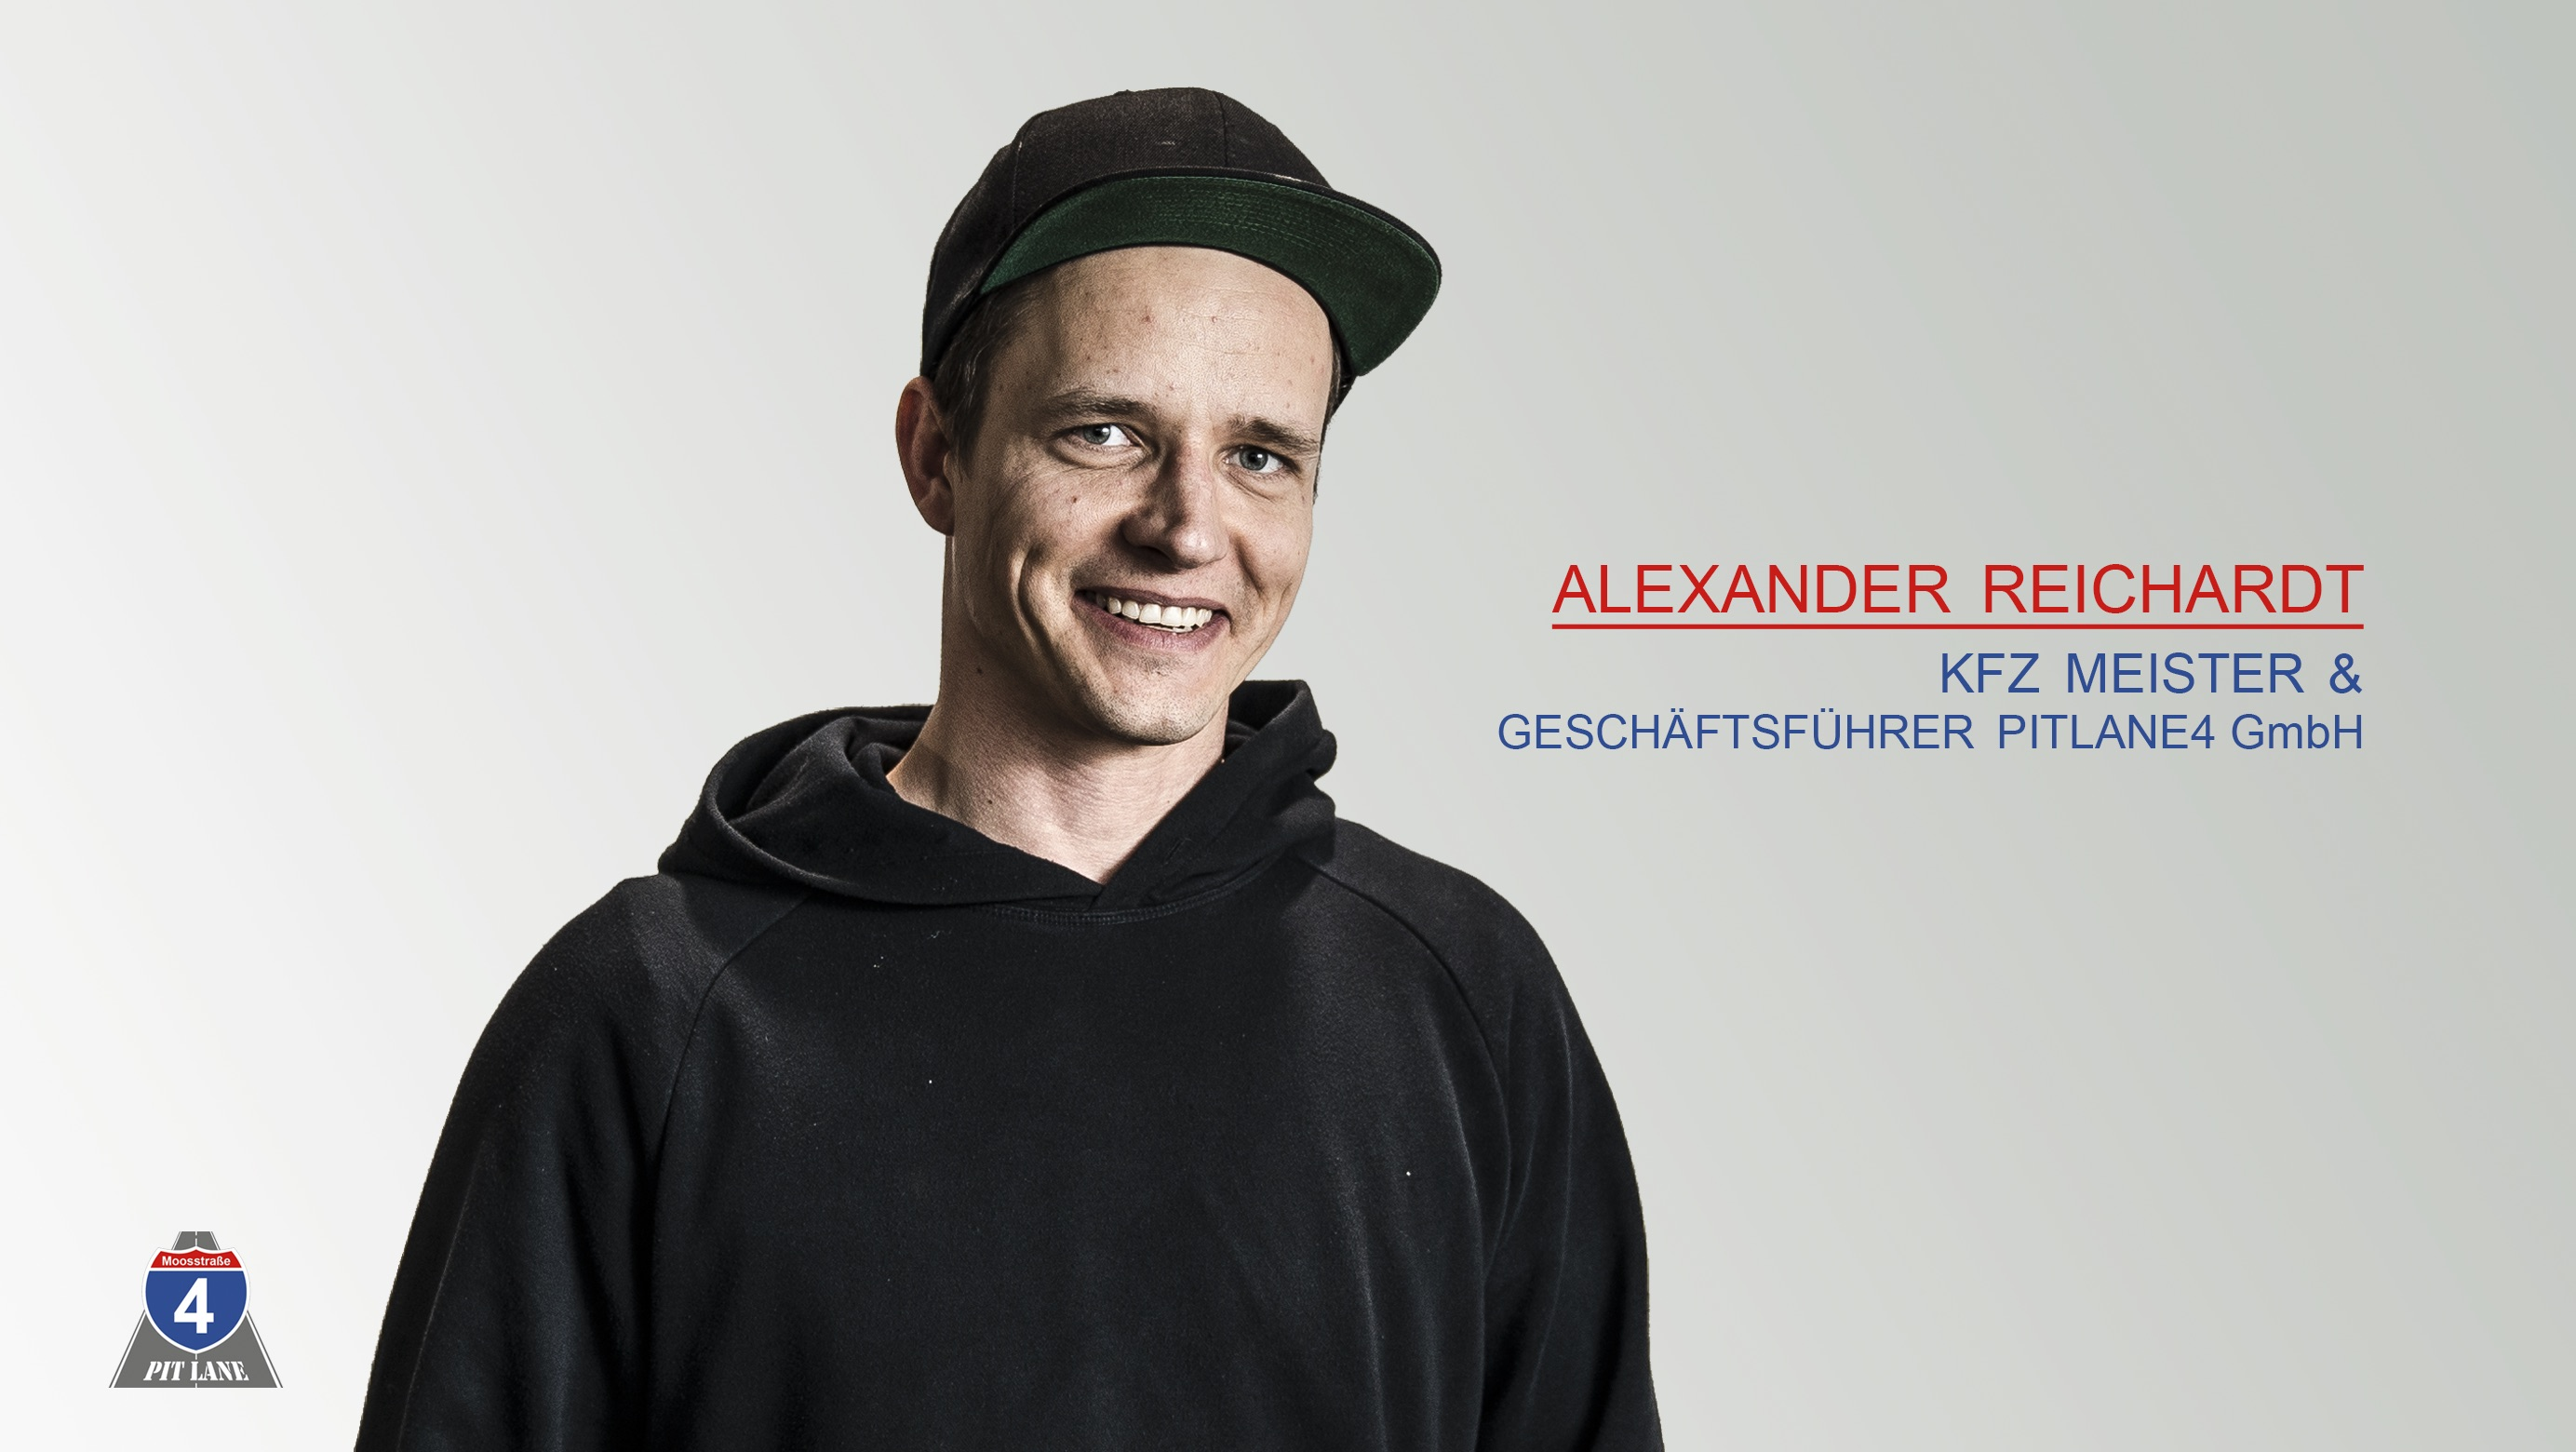 Bild von Alexander Reichardt